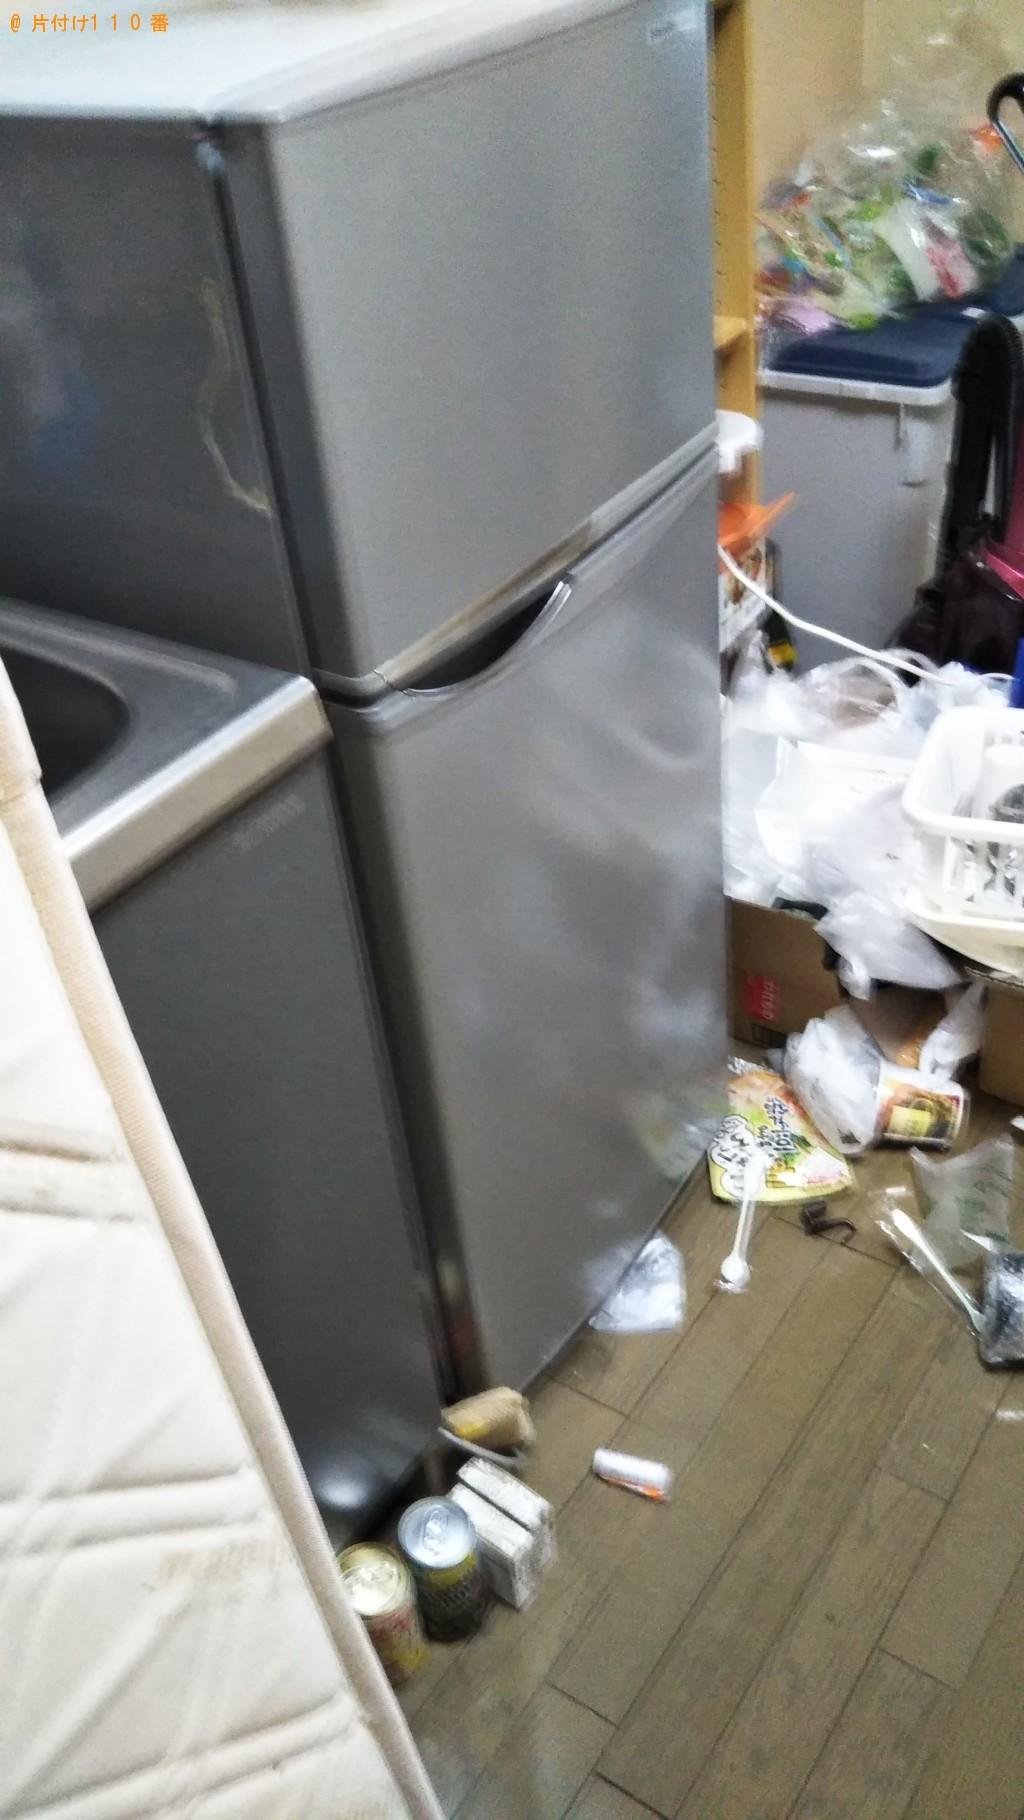 【松山市】冷蔵庫、洗濯機、シングルベッドの回収・処分ご依頼